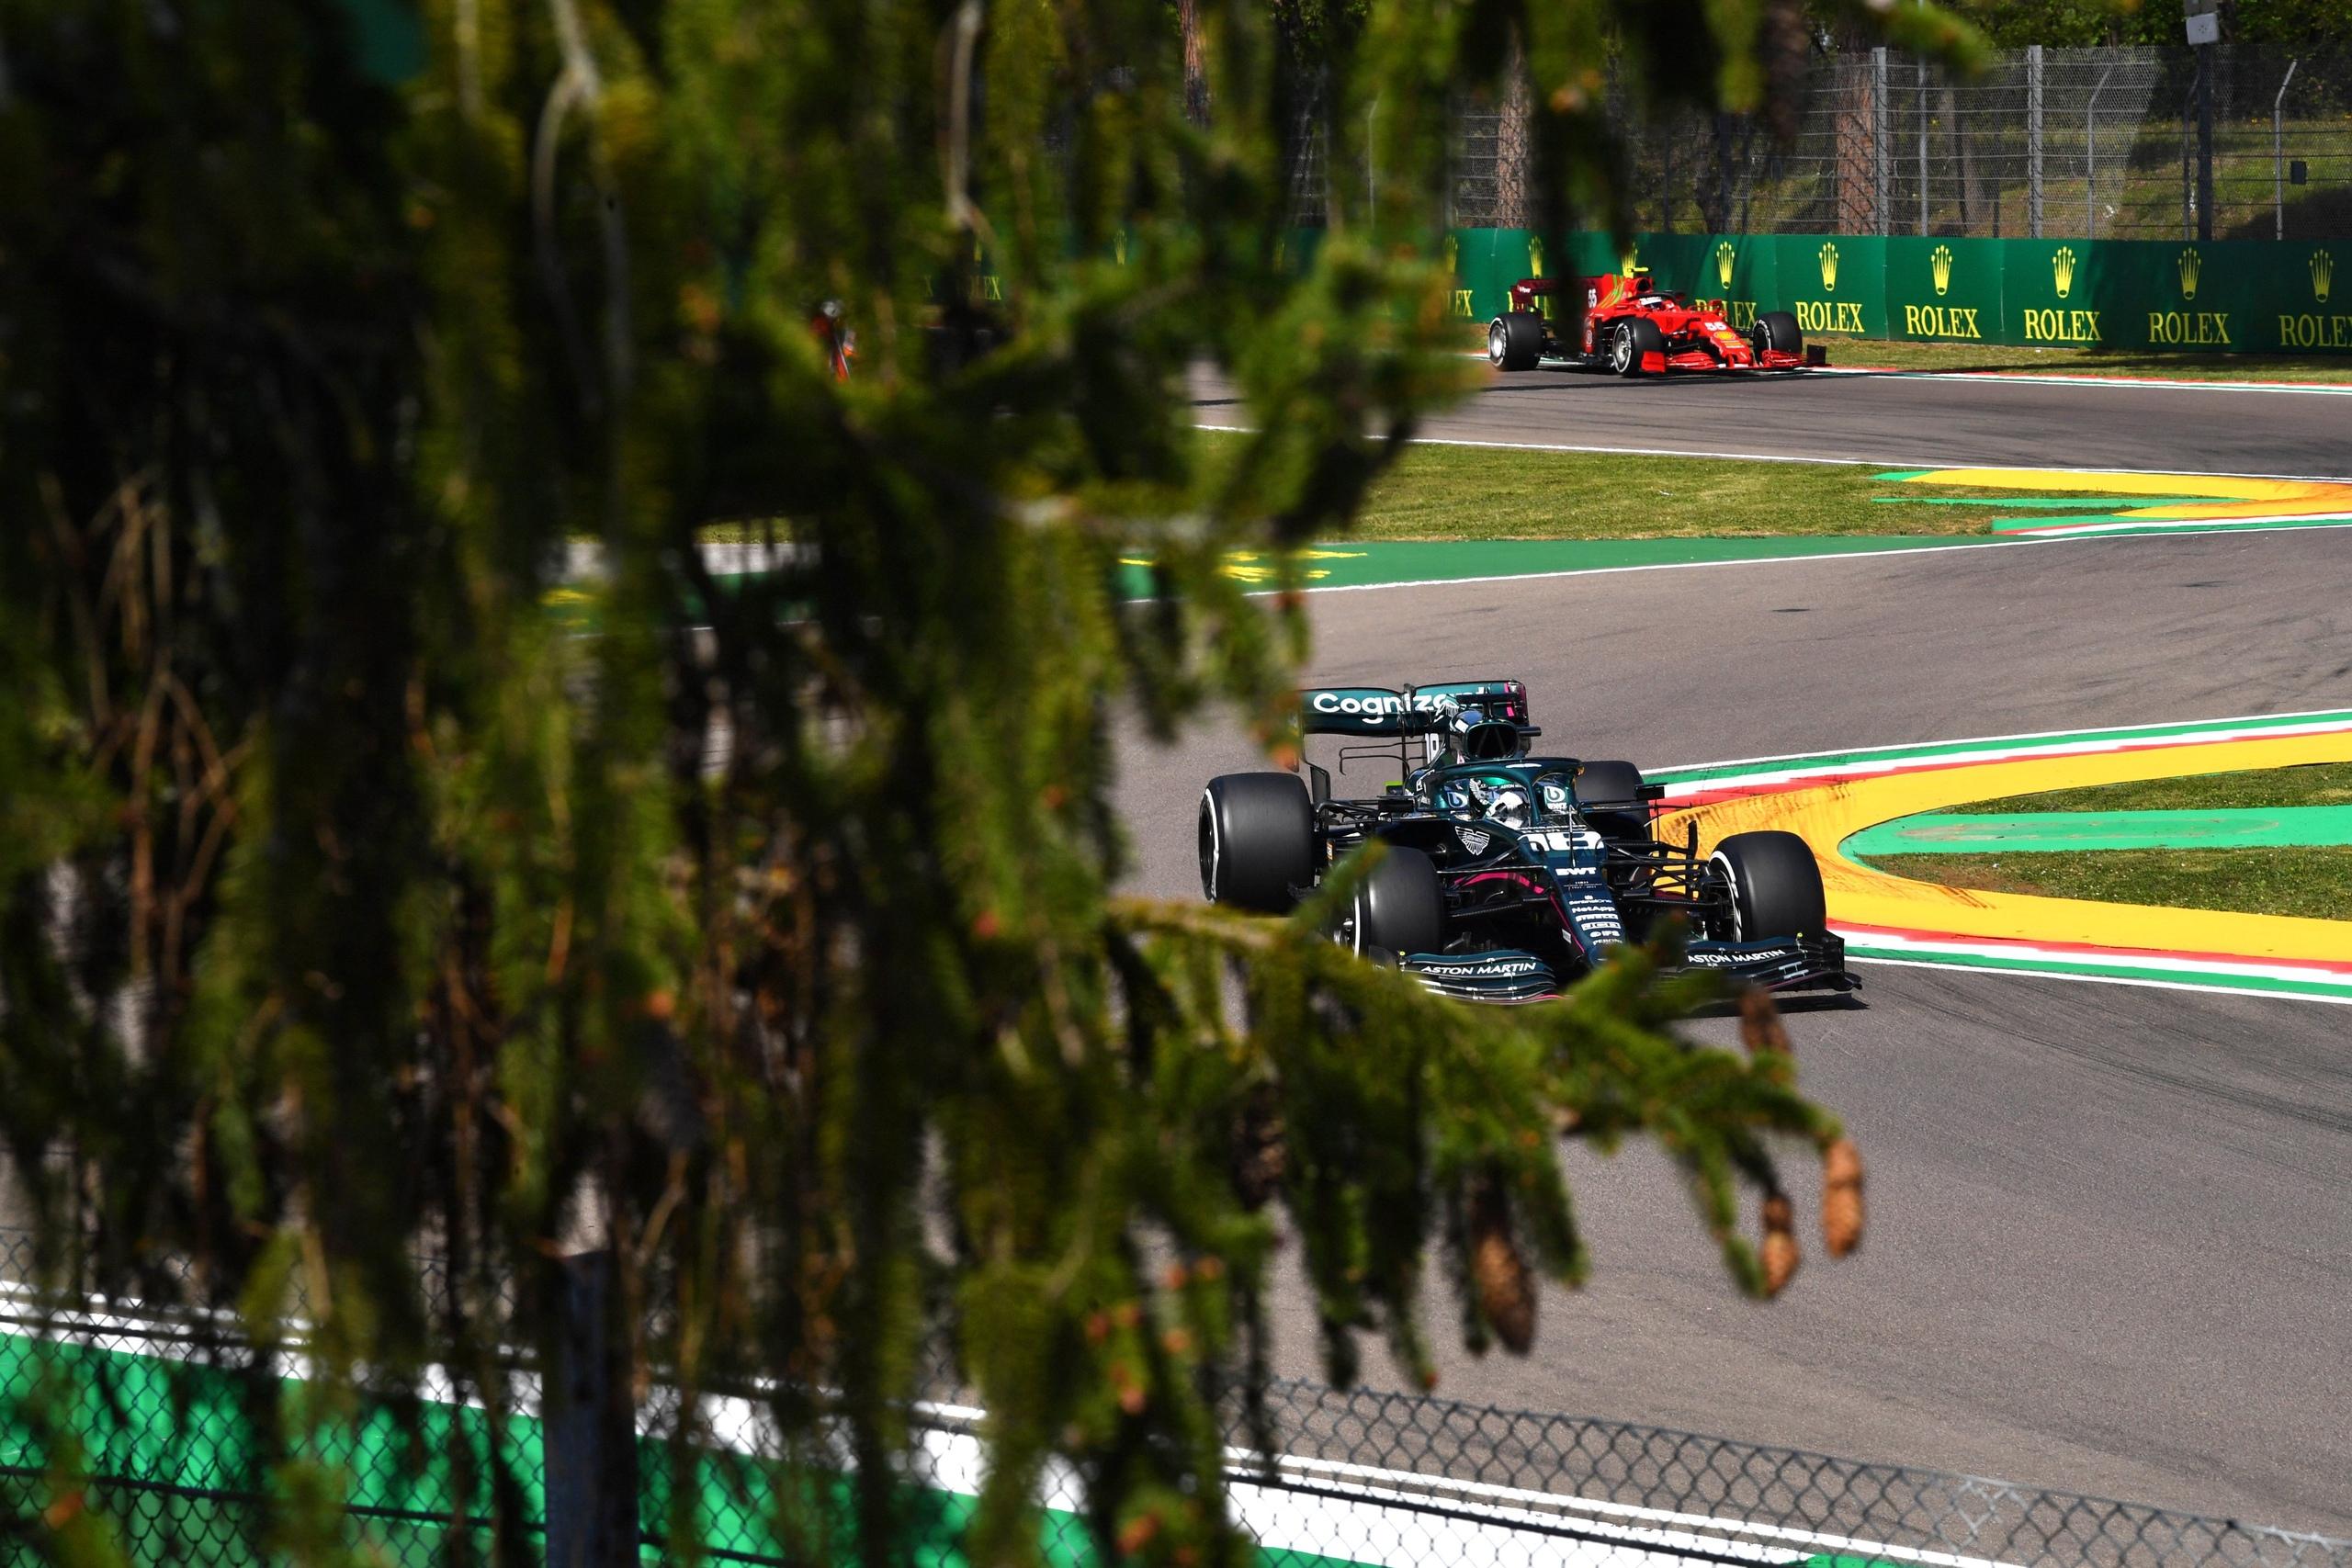 Лэнс Стролл выводит Aston Martin на пятое место в кубке конструкторов по итогам гран-при Эмилии-Романьи 2021 года